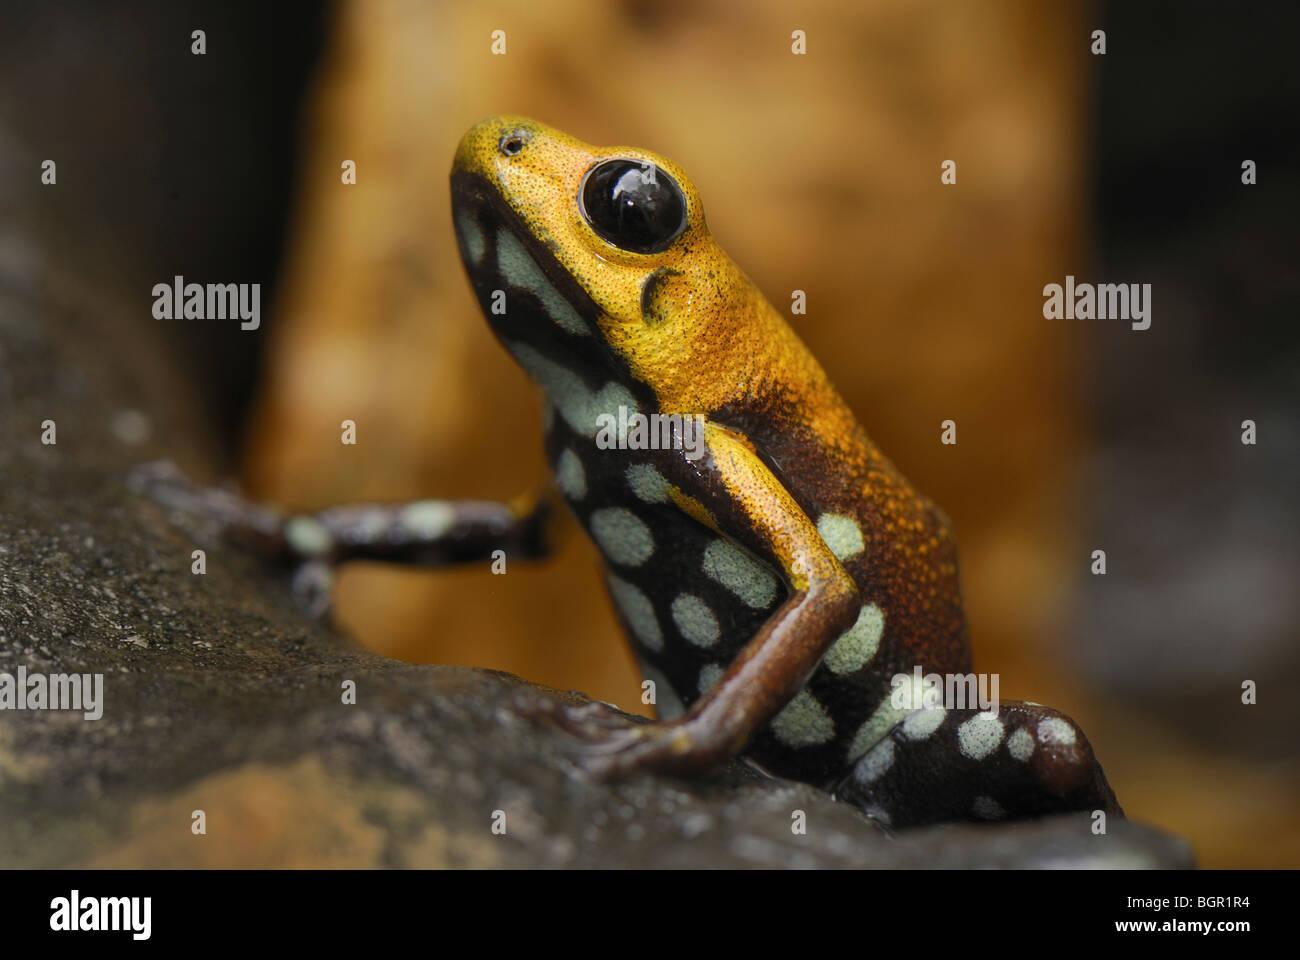 Poison Frog (Ranitomeya), adult, Depart. Cundinamarca, Colombia - Stock Image